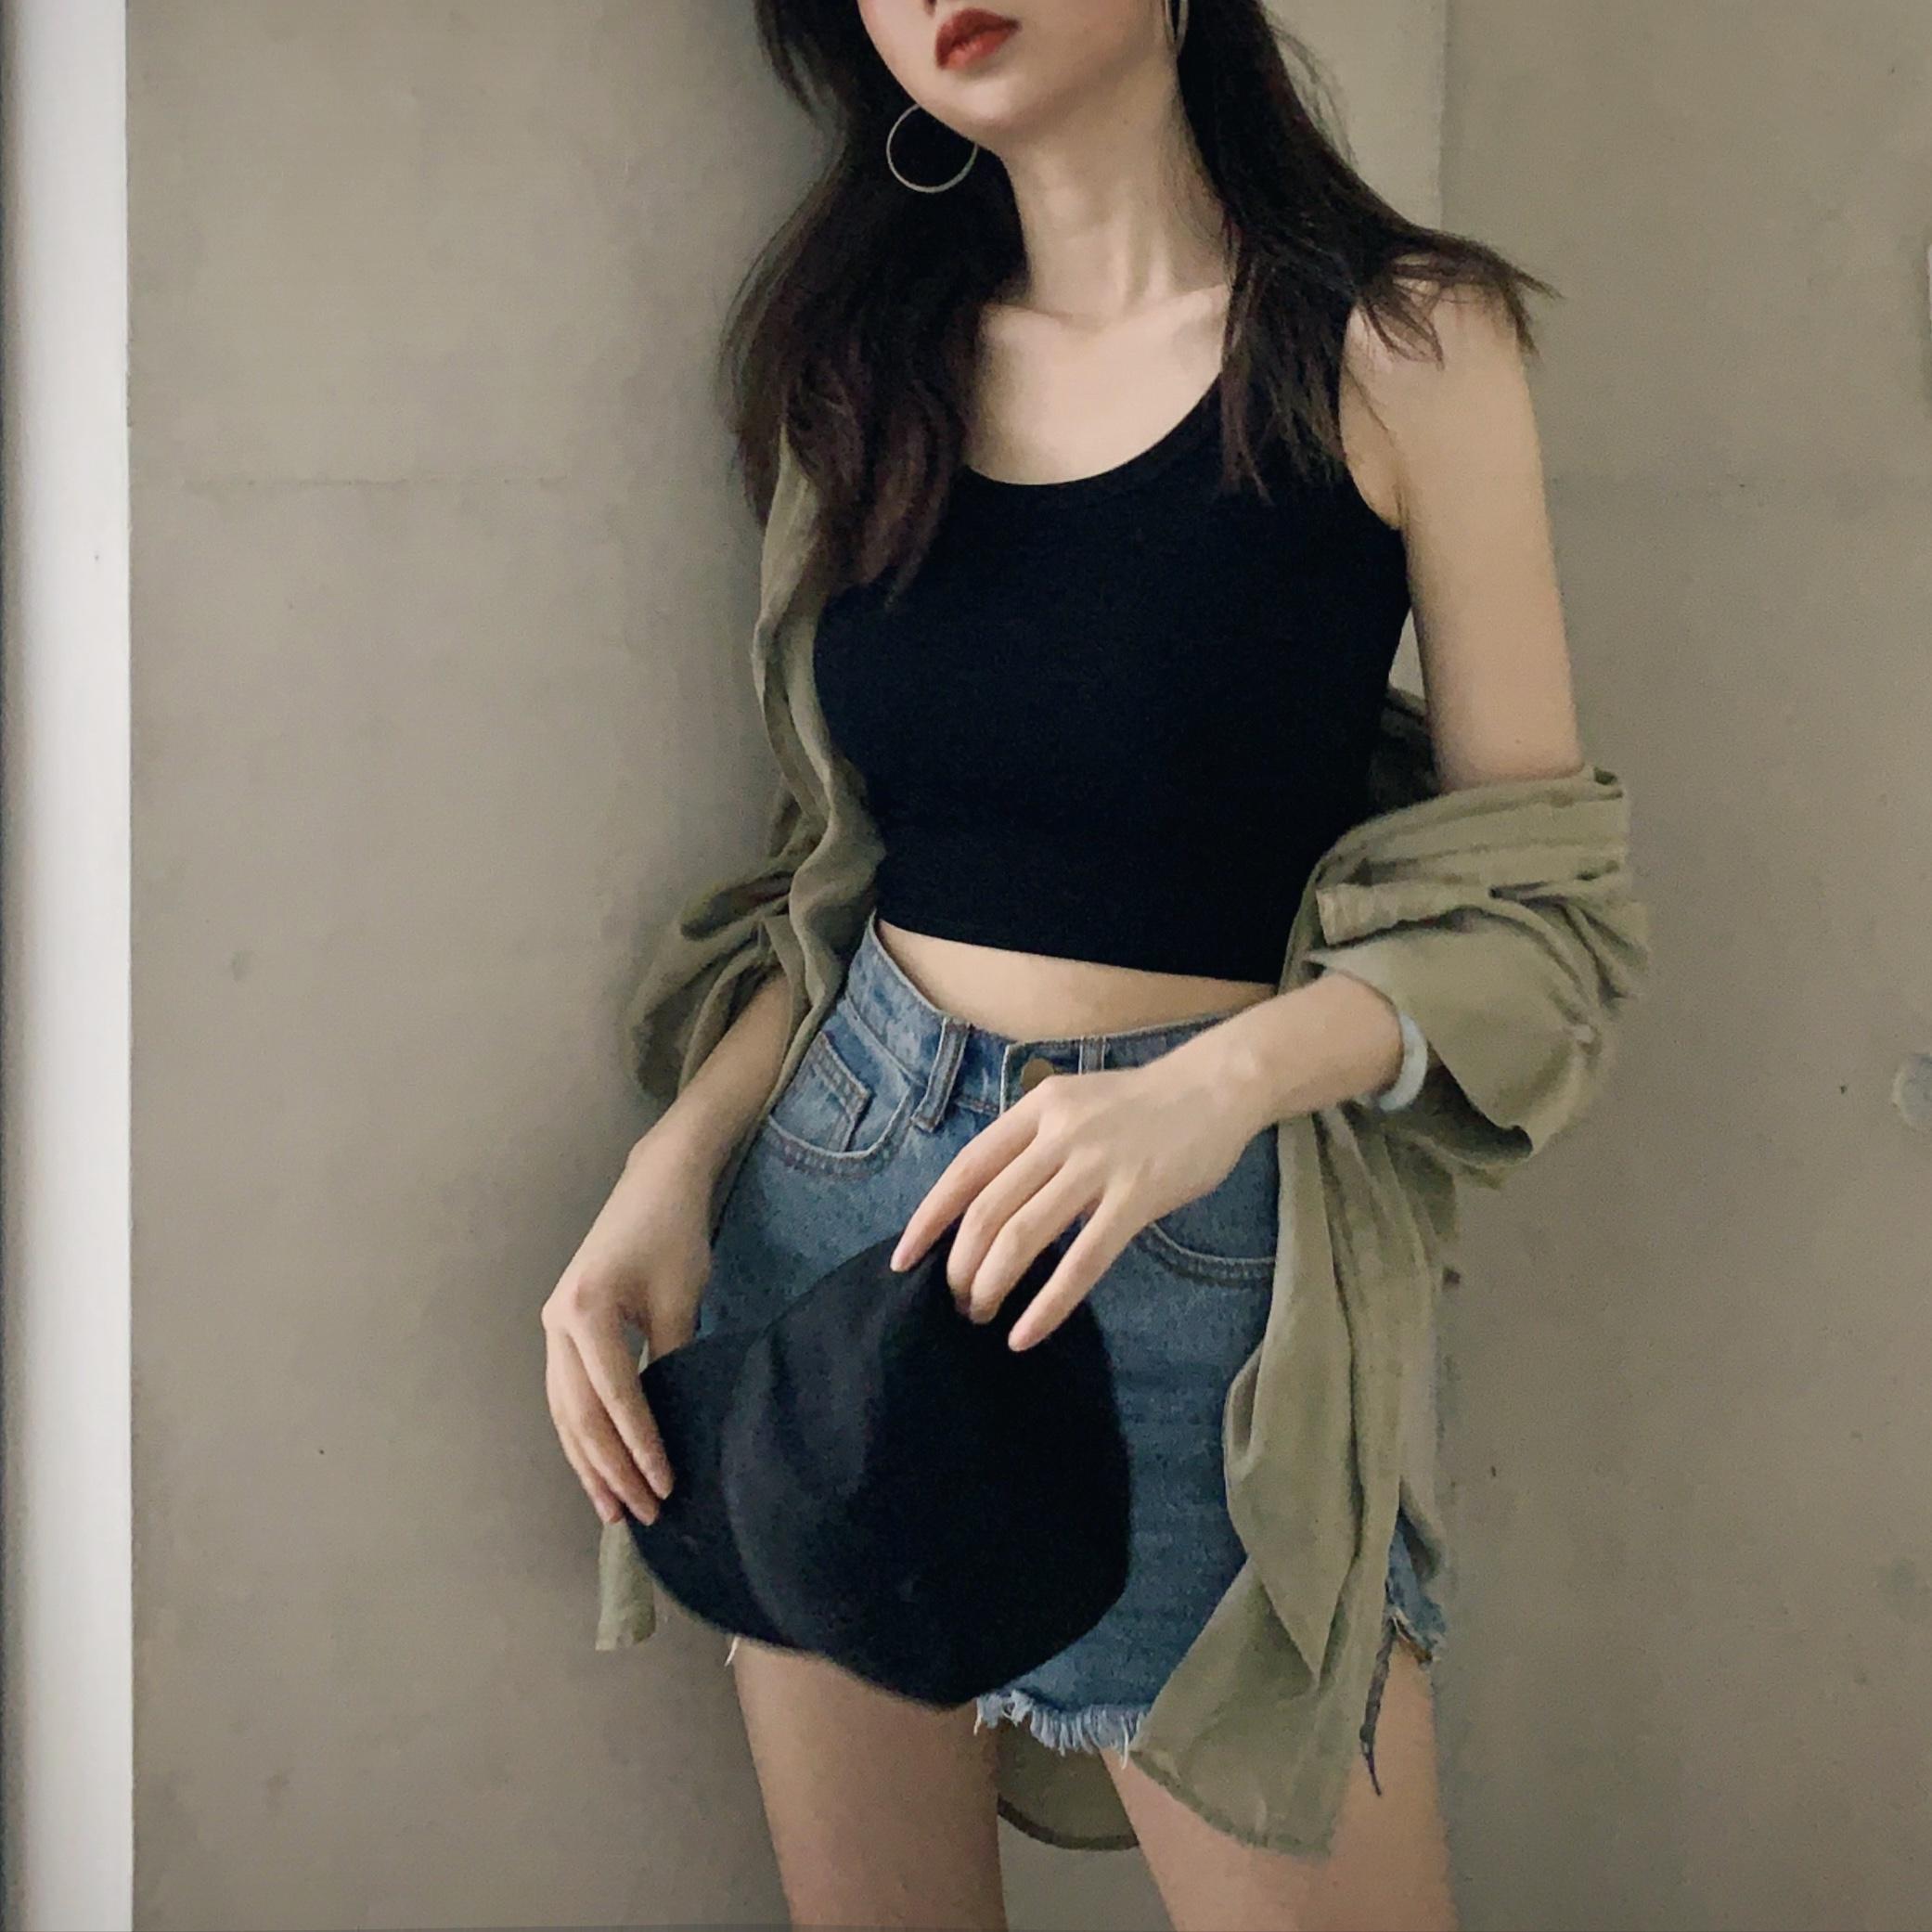 上衣女2019新款黑色泫雅短款吊带背心女秋打底衫内搭夏外穿露脐潮13.79元包邮